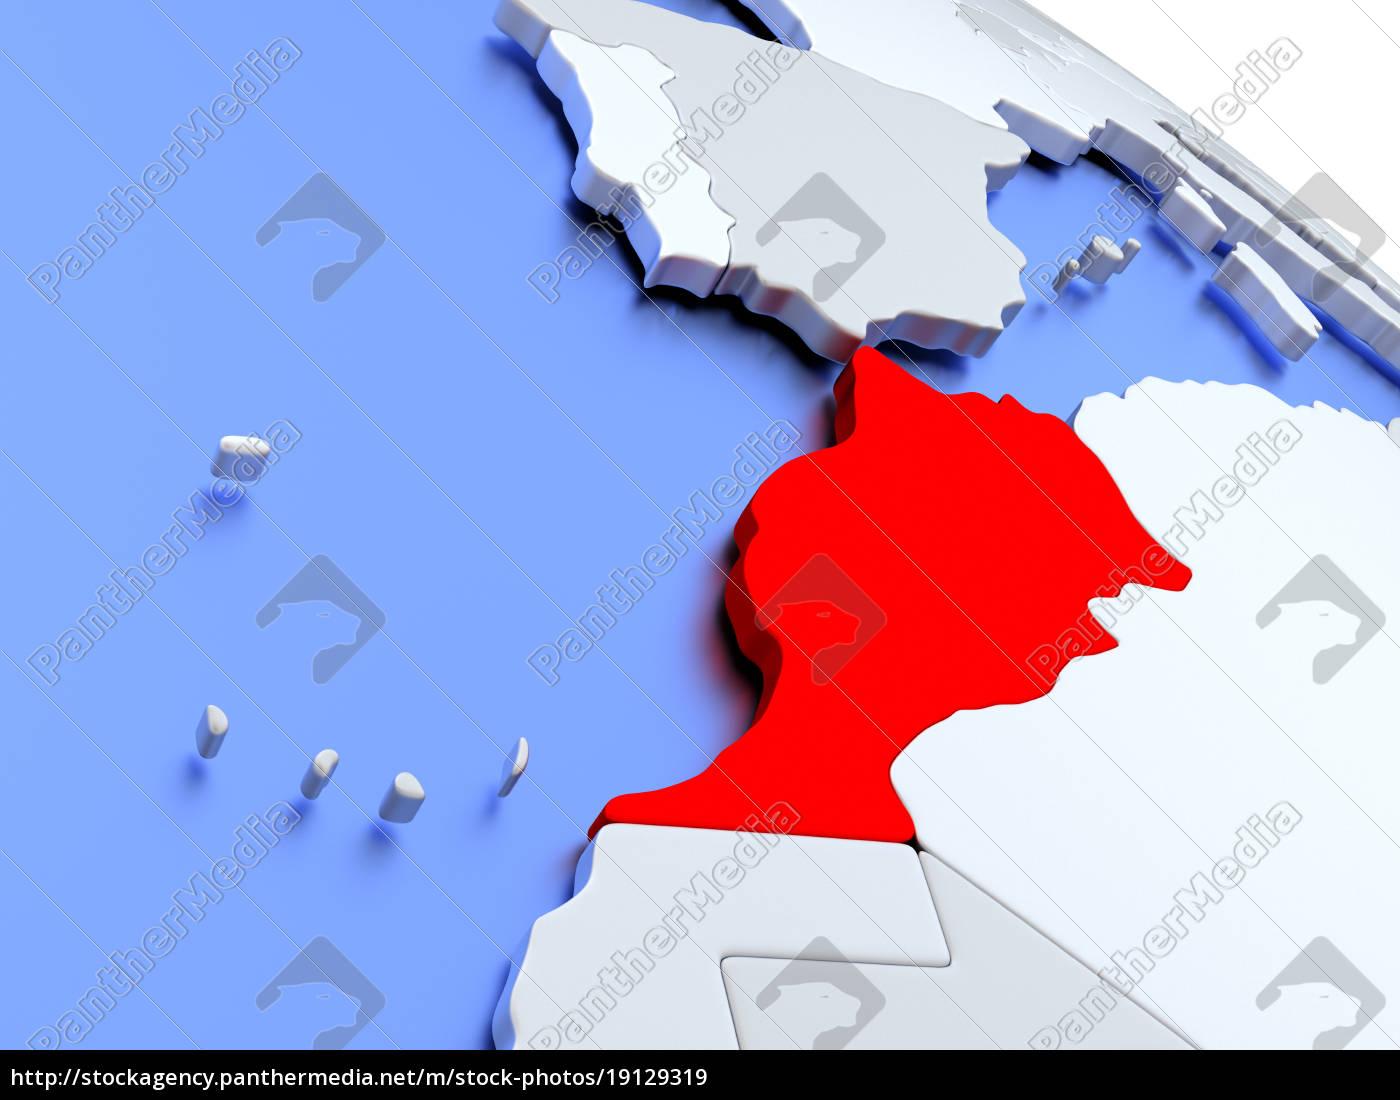 marruecos, en, el, mapa, del, mundo - 19129319